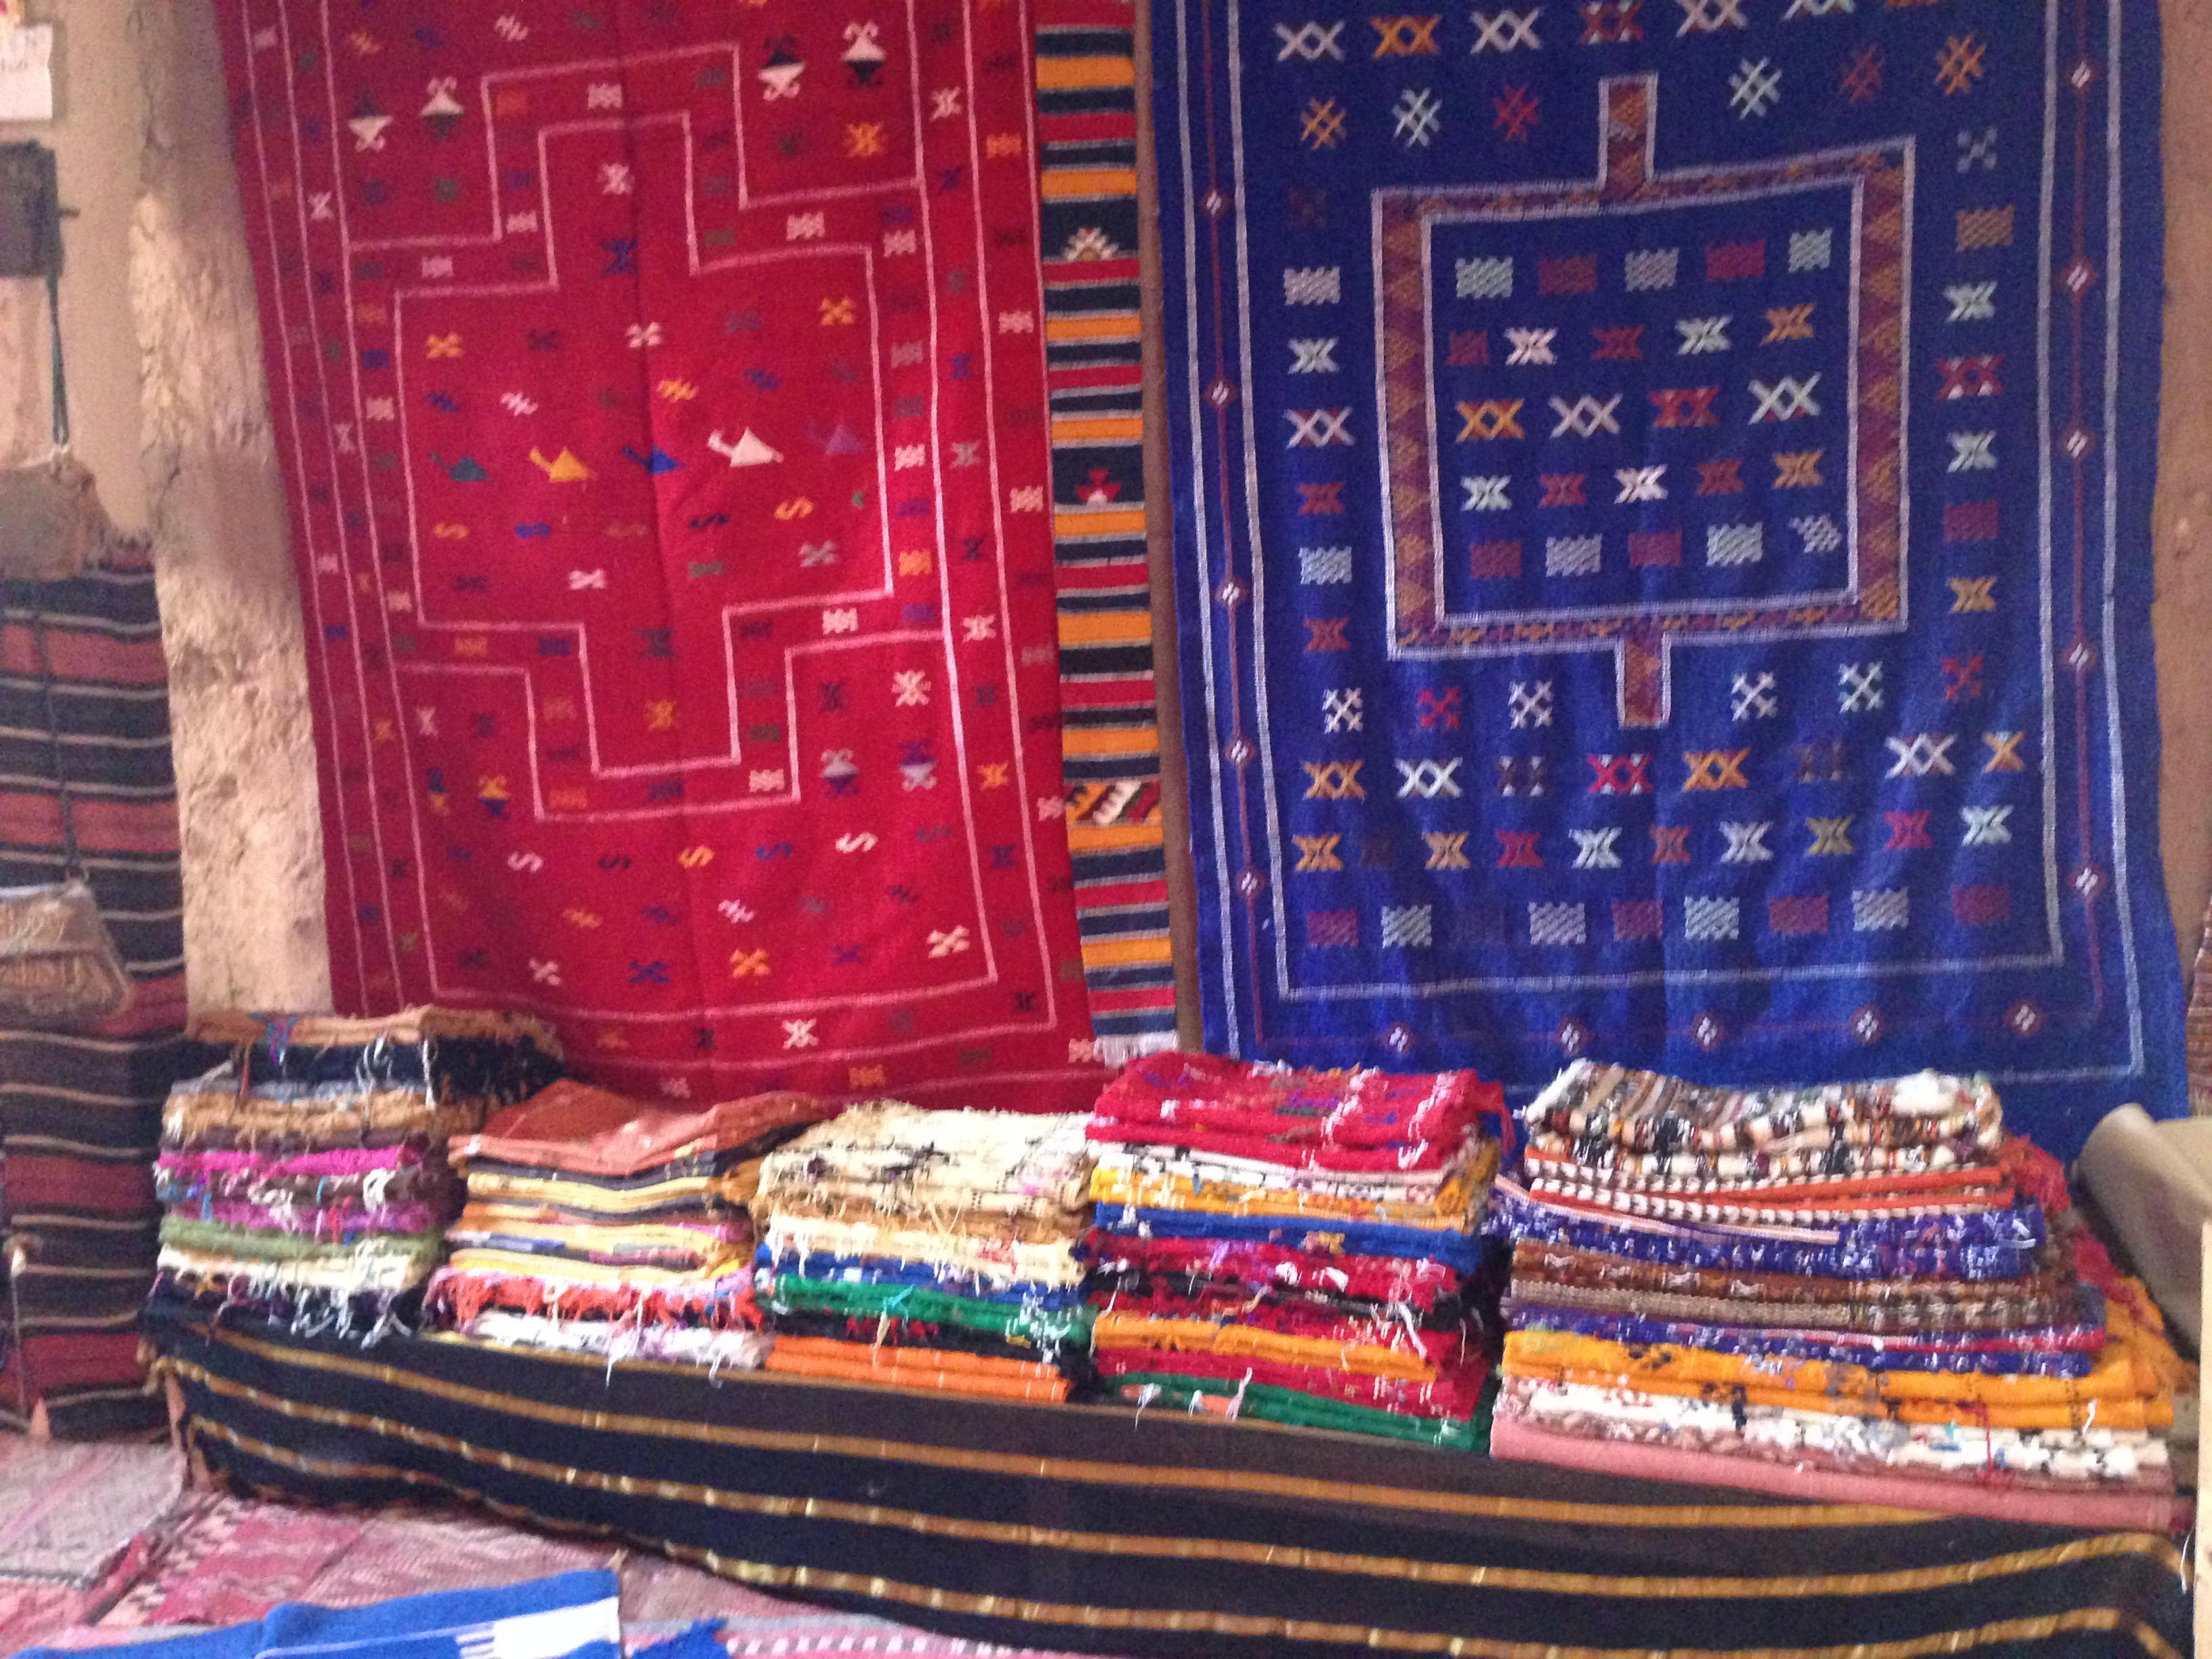 Tappeto berbero storia e segreti dietro ai suoi disegni - Il tappeto del corridoio ...